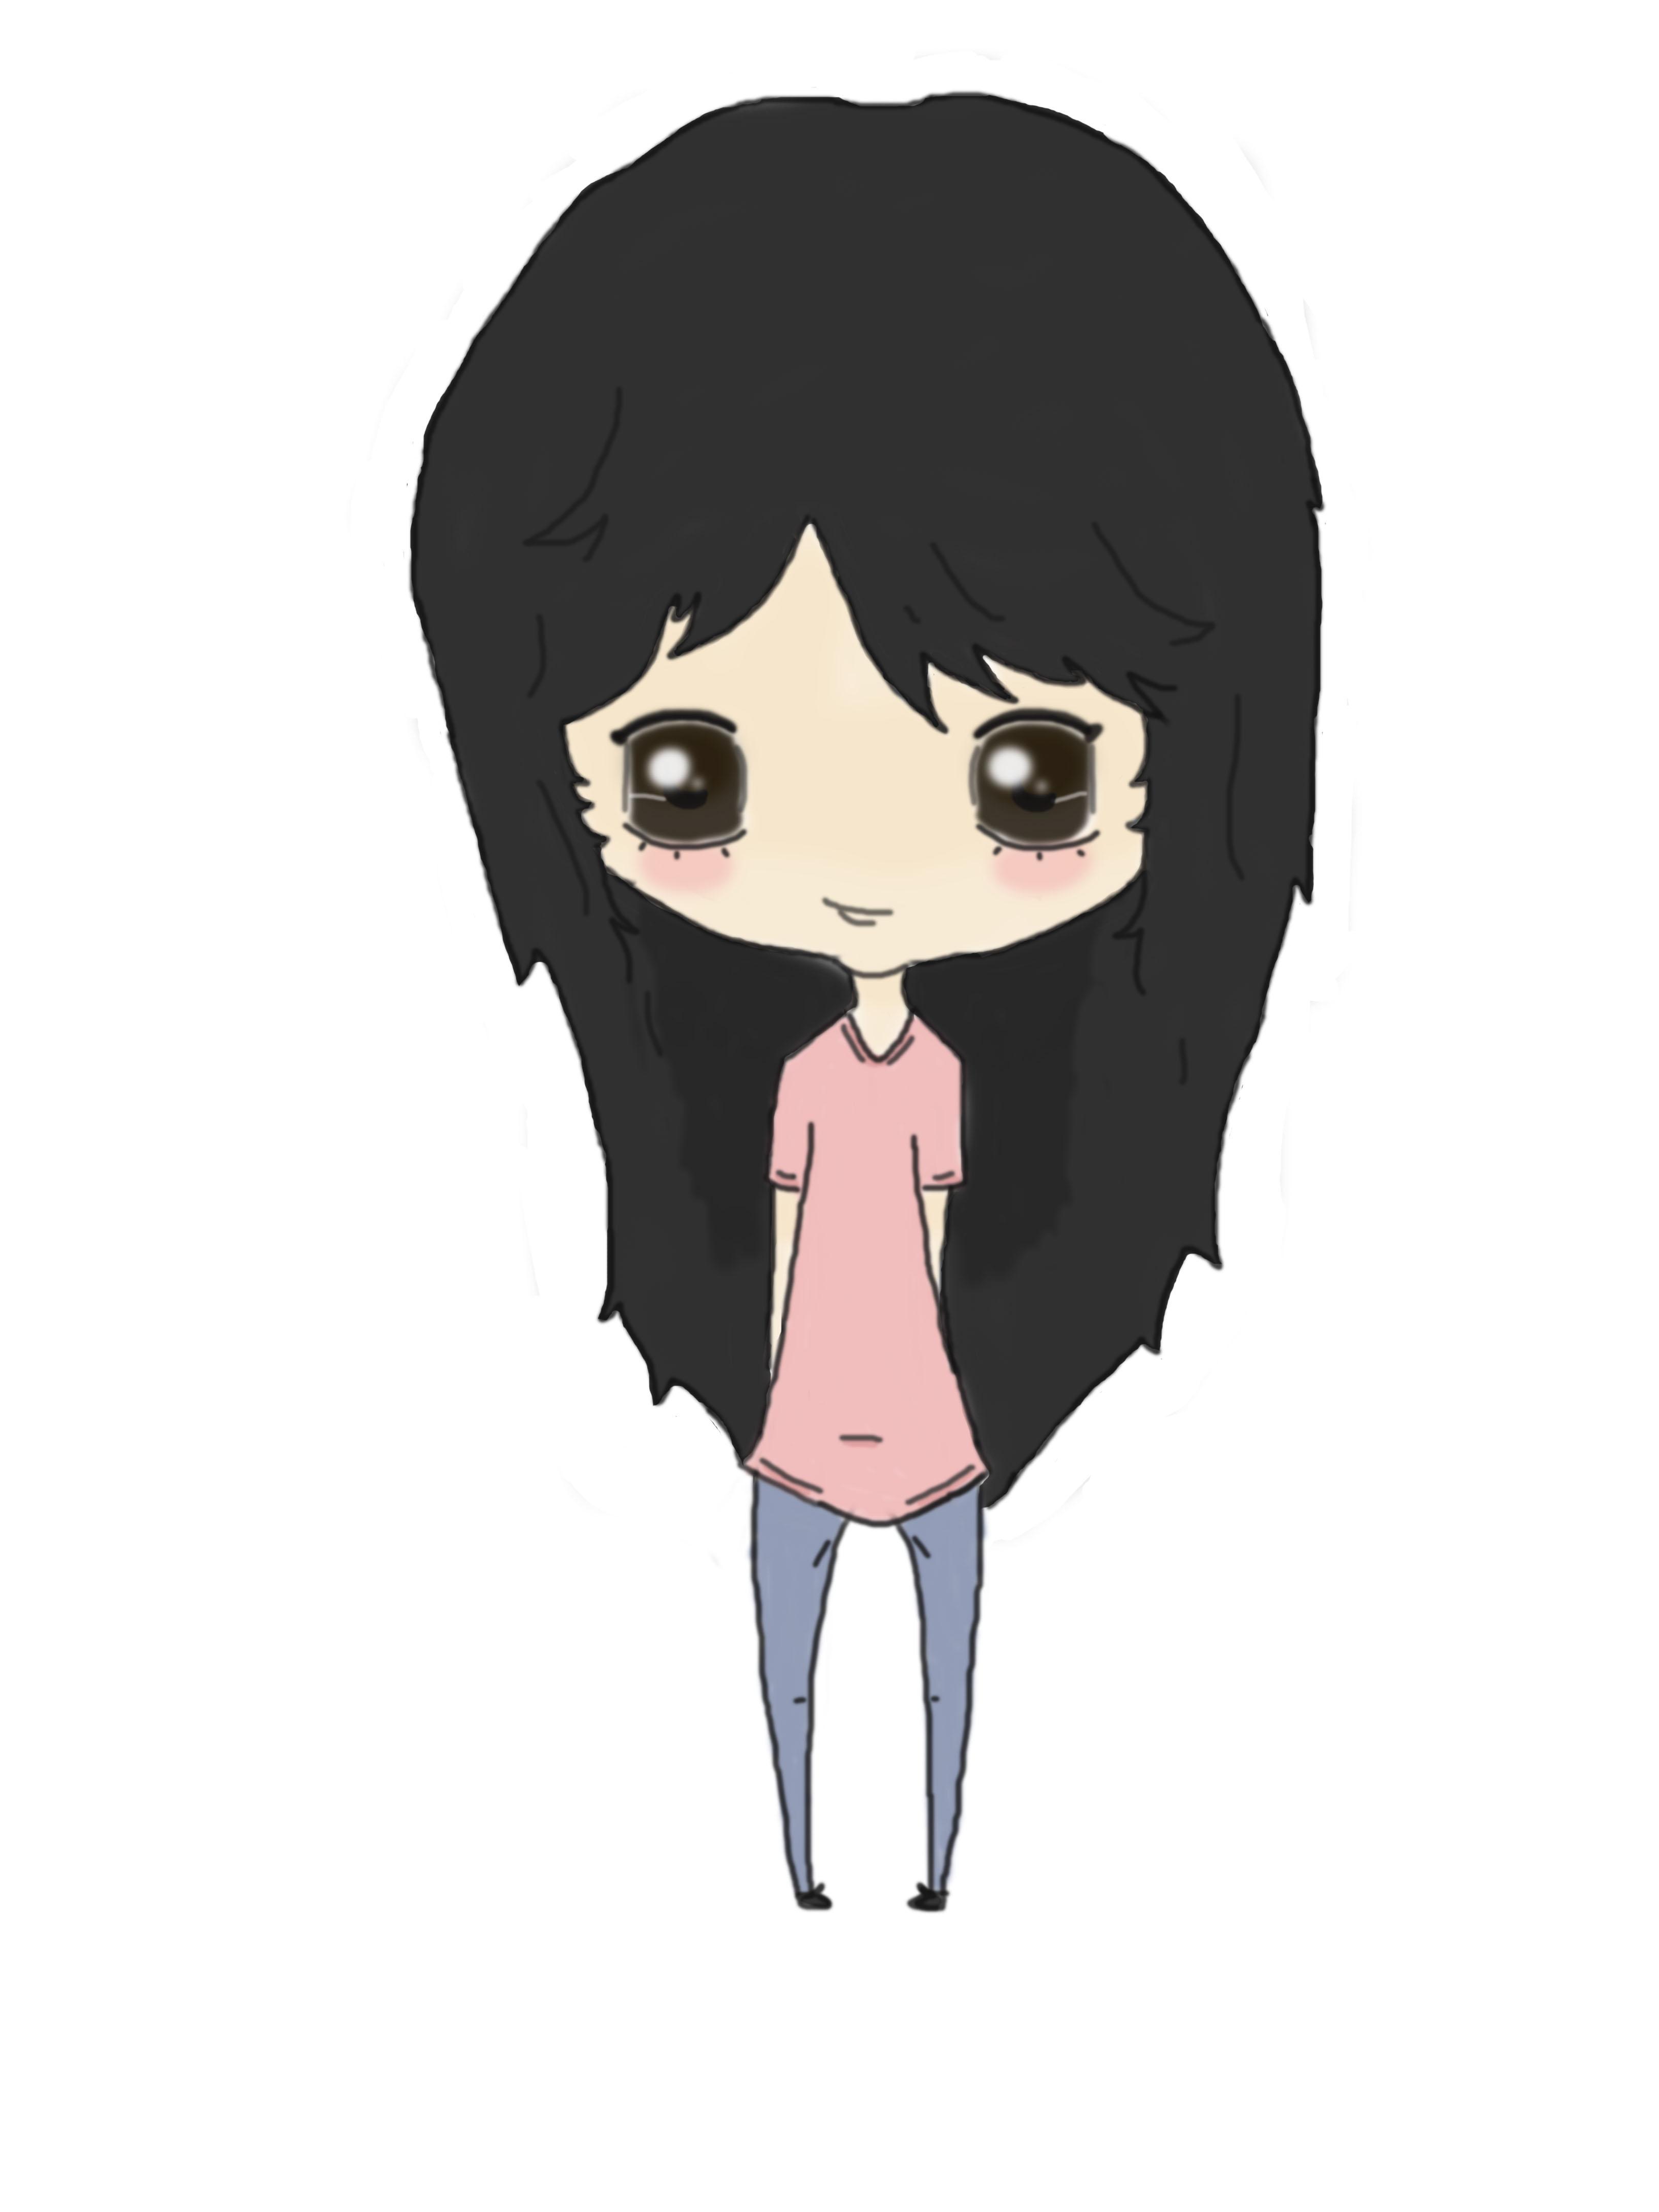 Chibi Girl Black Hair By Killerpastelkittens On Deviantart